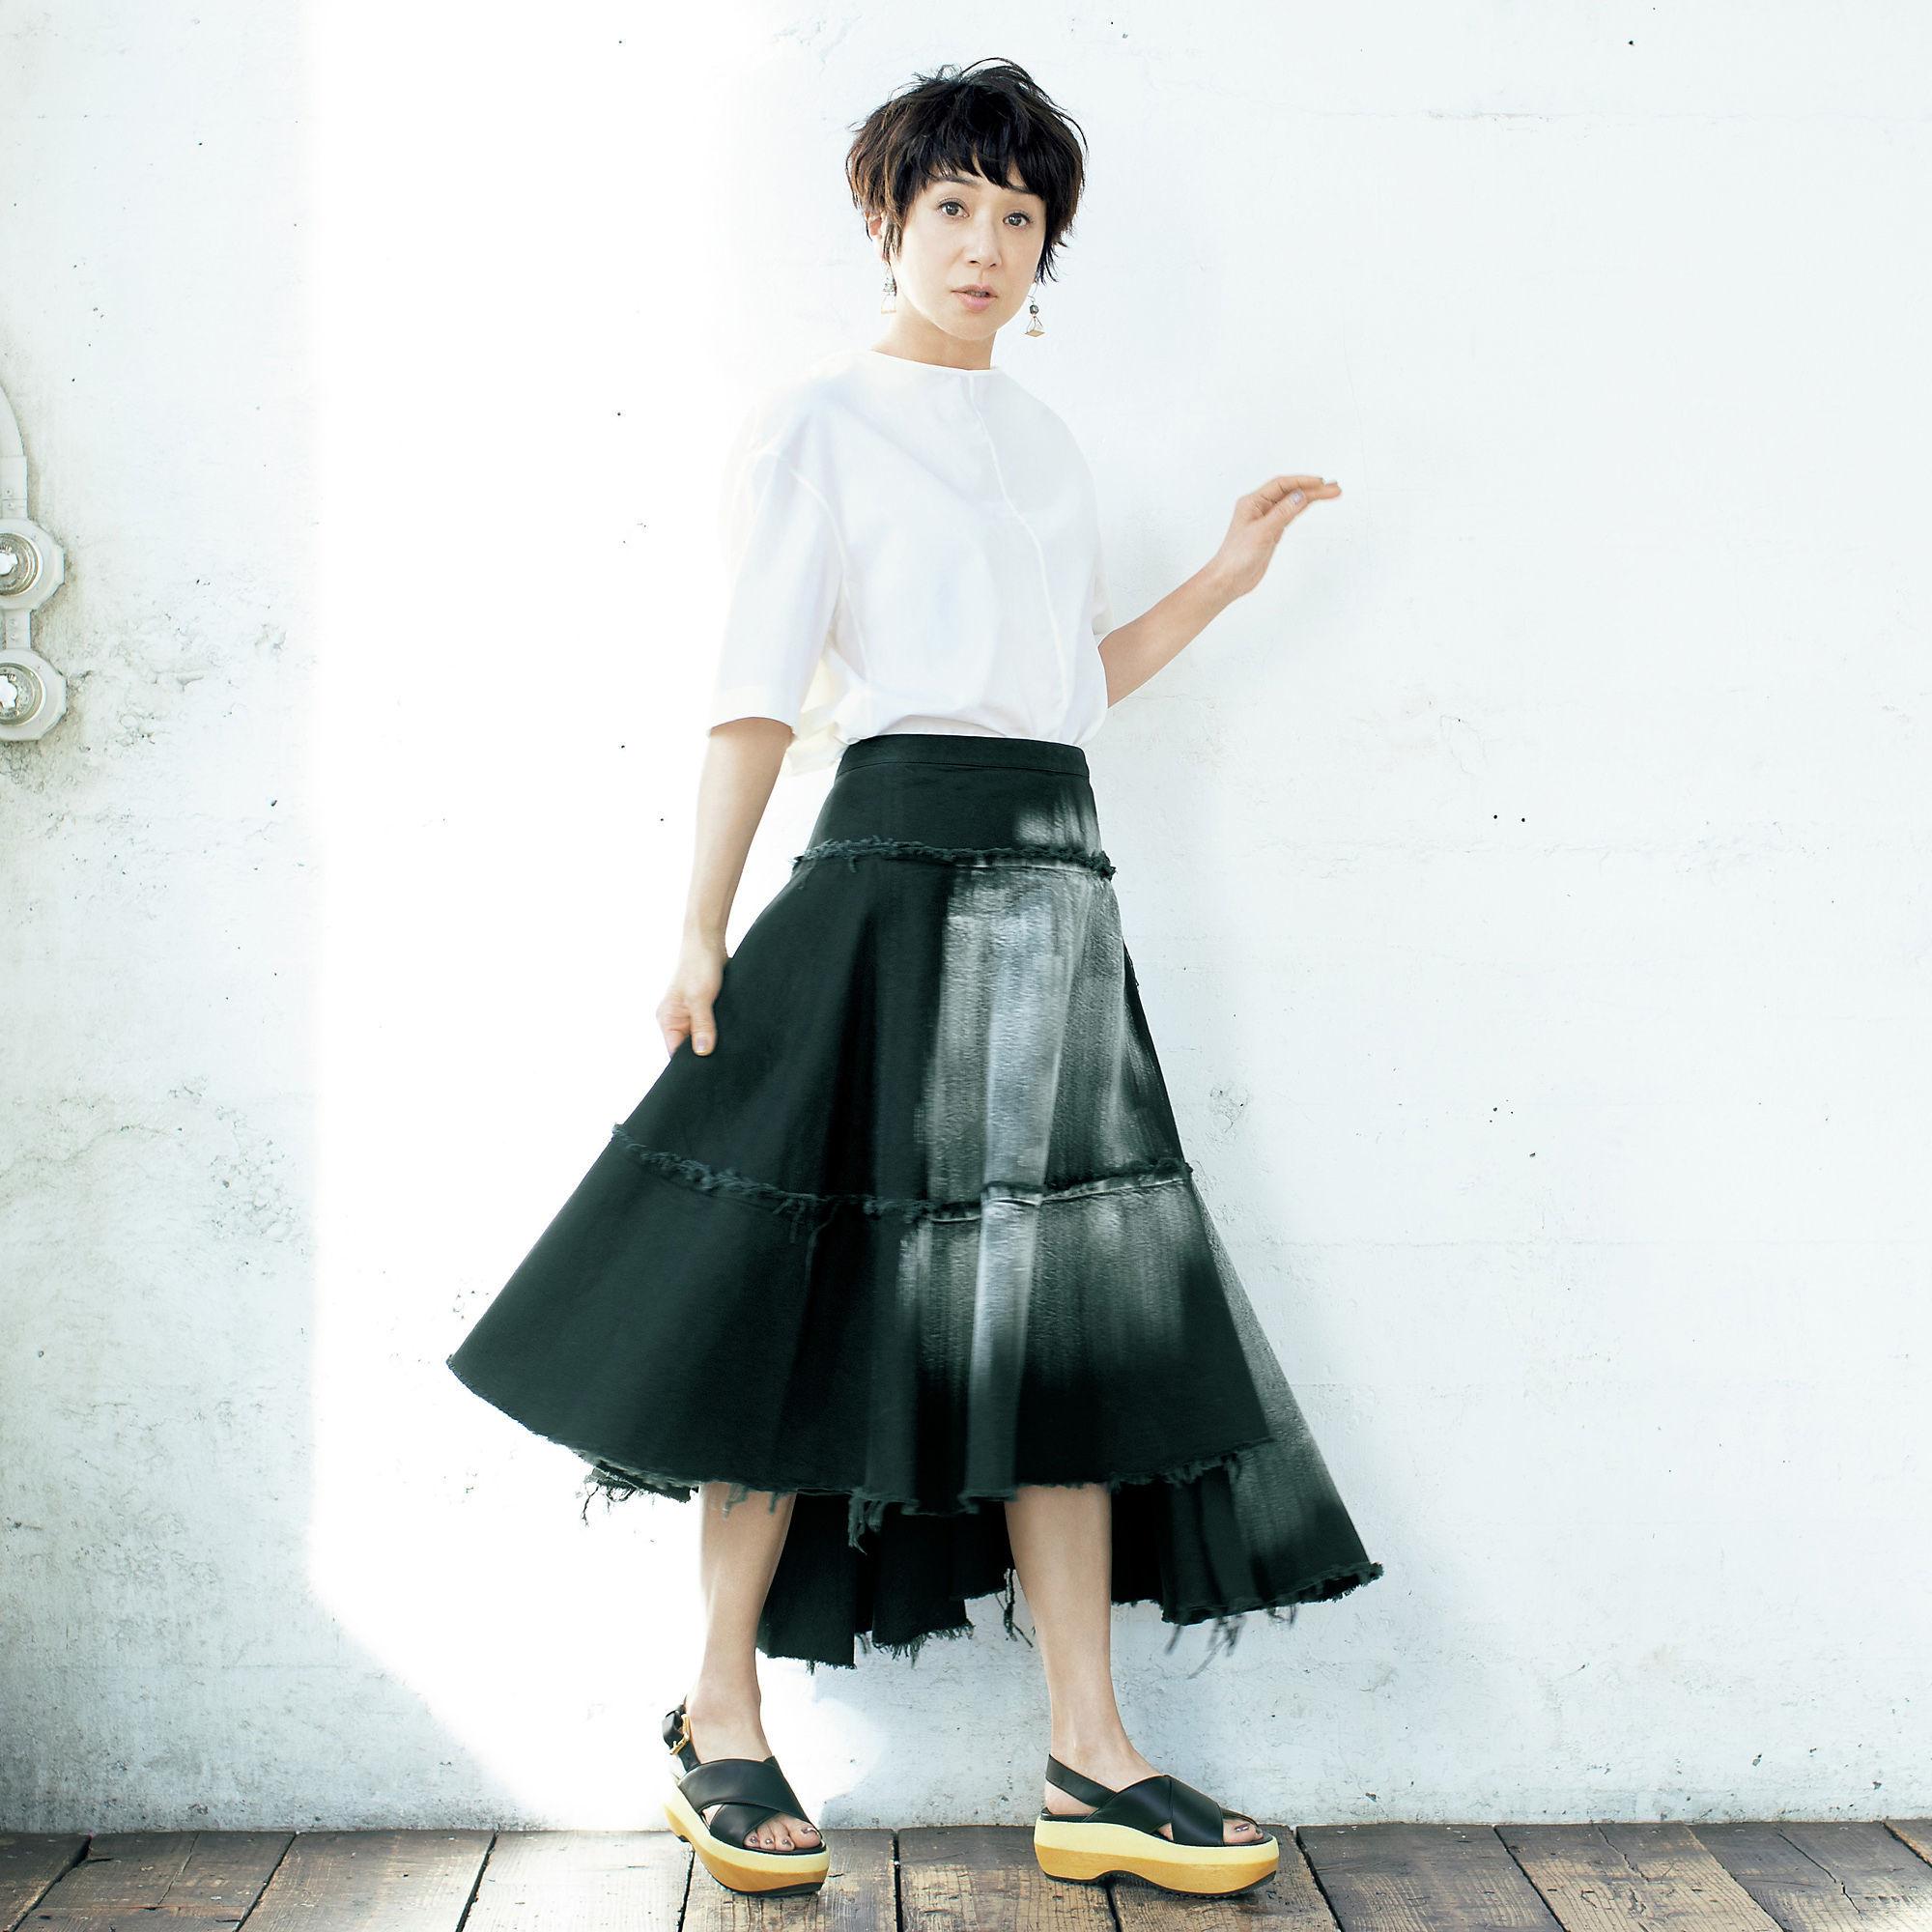 スタイリスト佐伯敦子さんセレクト「MARNI」のアイコニックアイテムで日常スタイルを新鮮に!_1_2